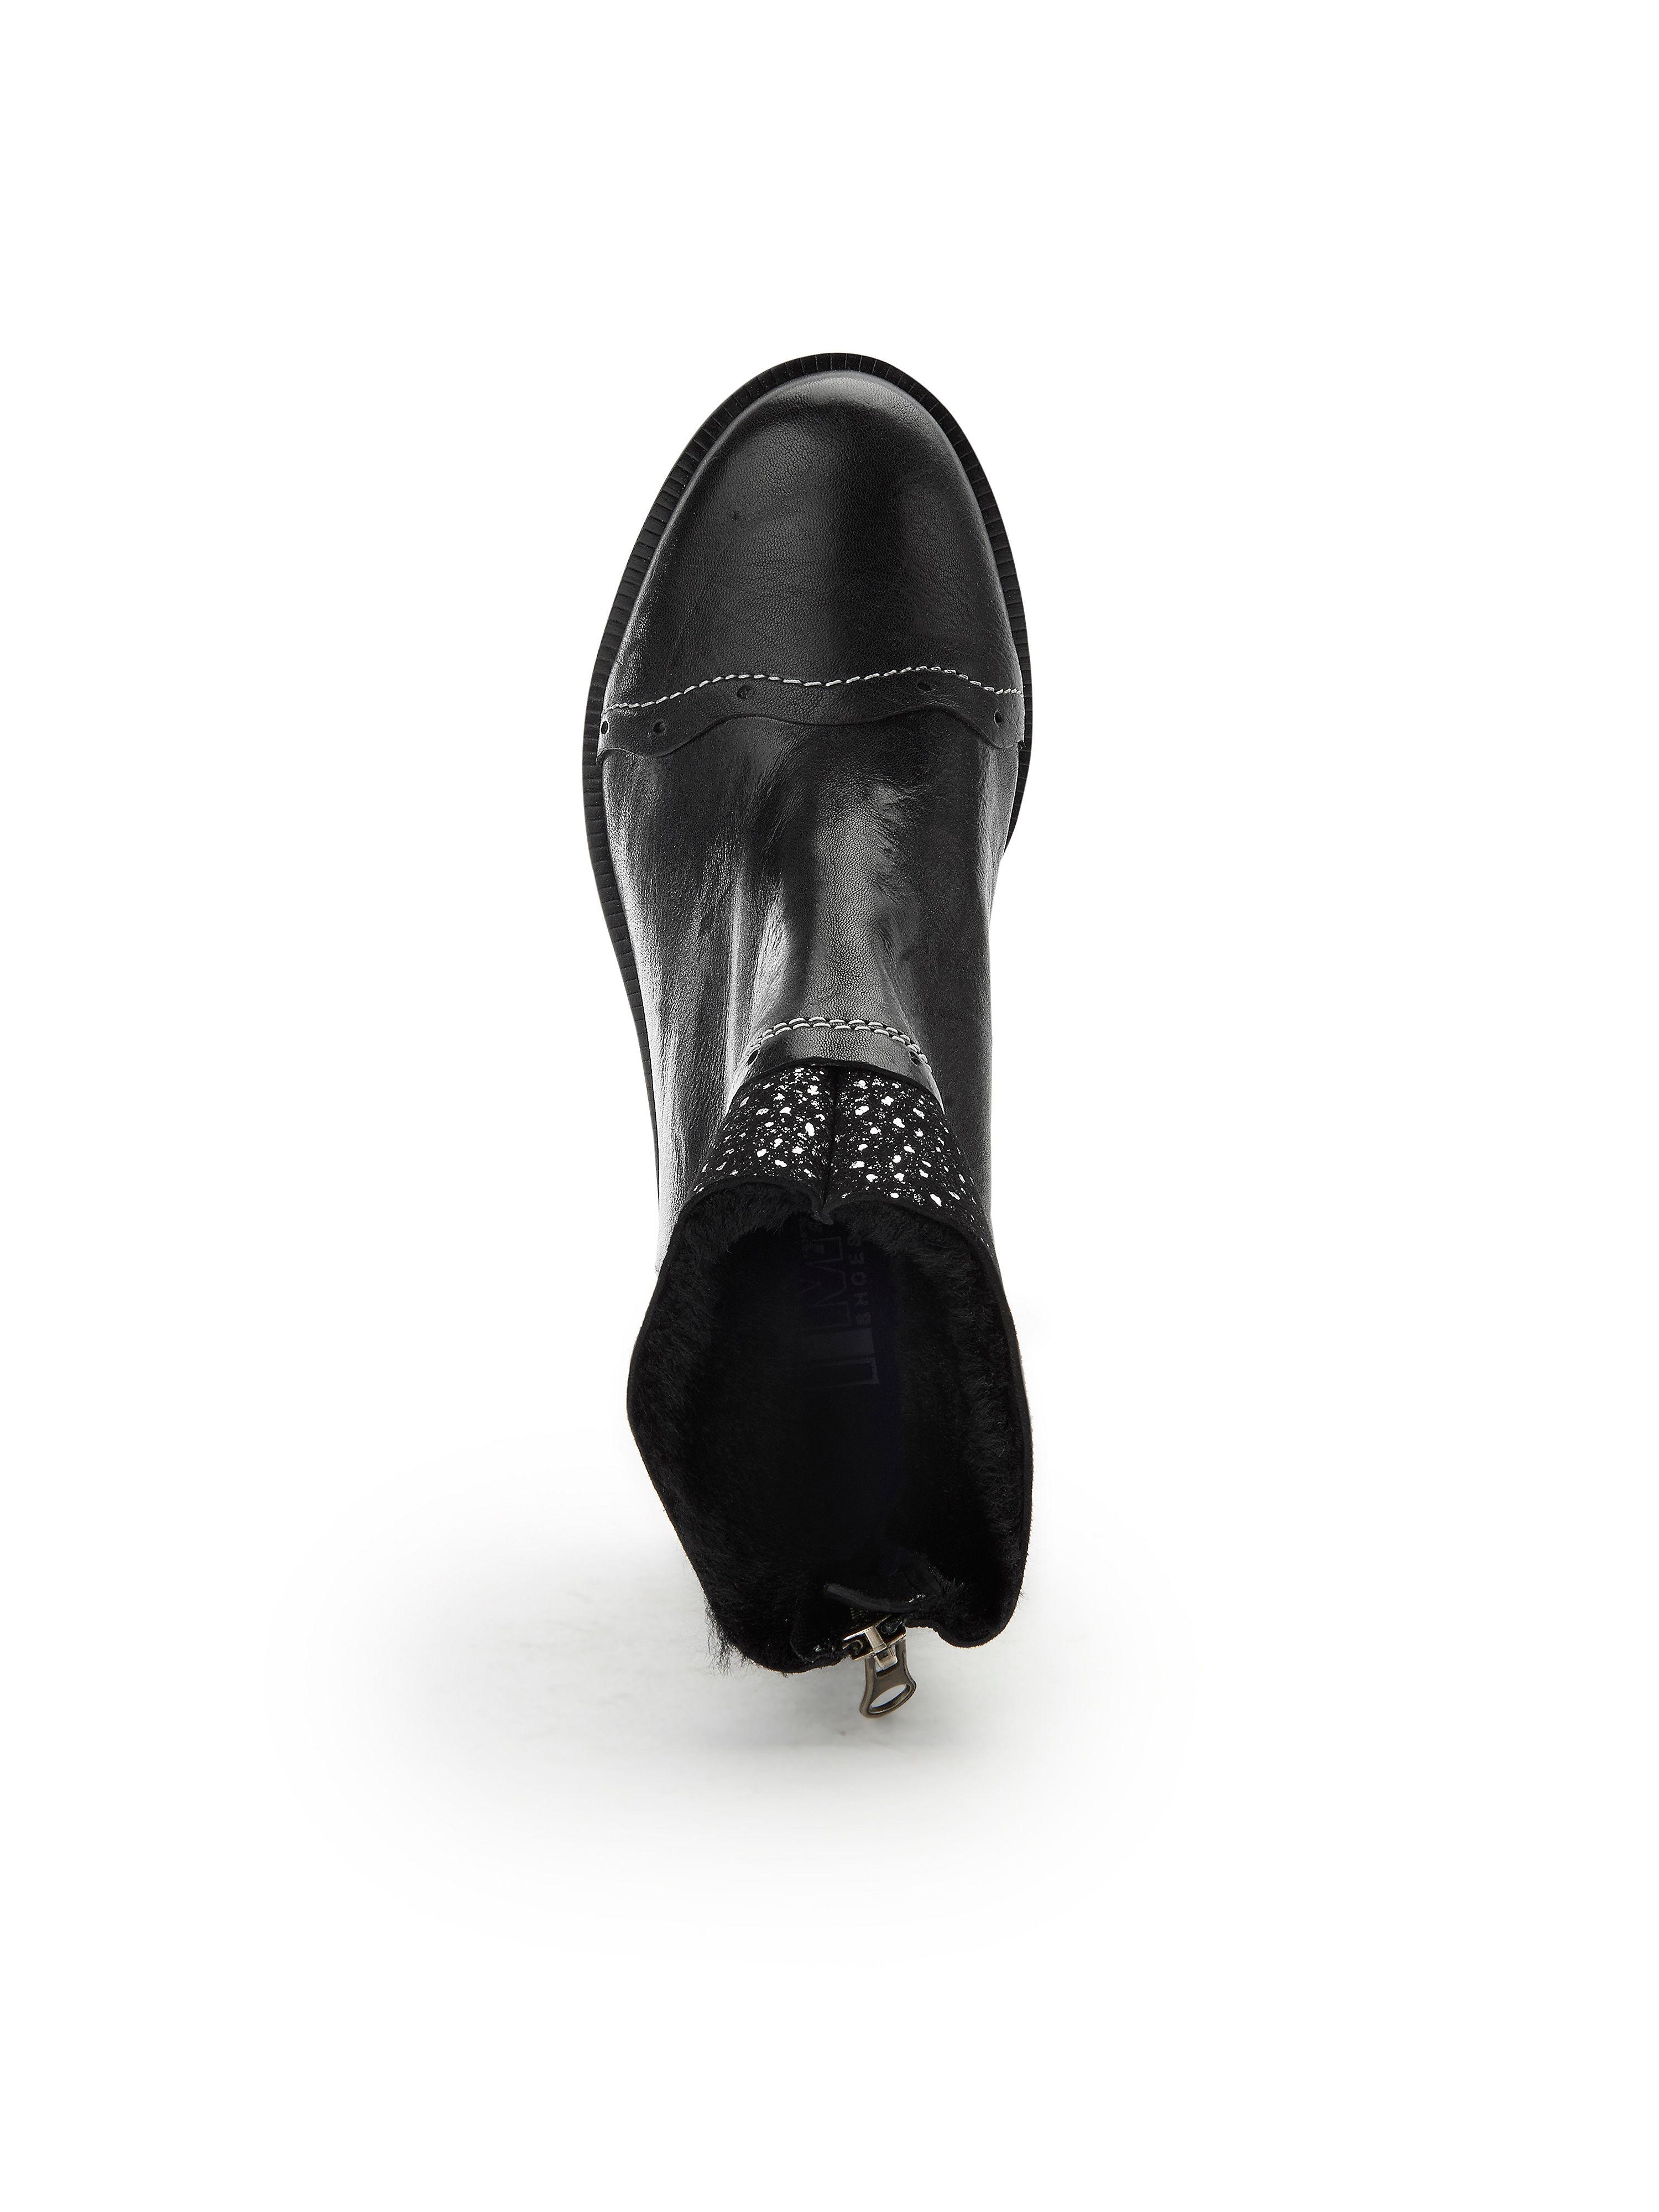 """iiM77 - Stiefelette """"Wiebke"""" - Schuhe Schwarz Gute Qualität beliebte Schuhe - afb60a"""